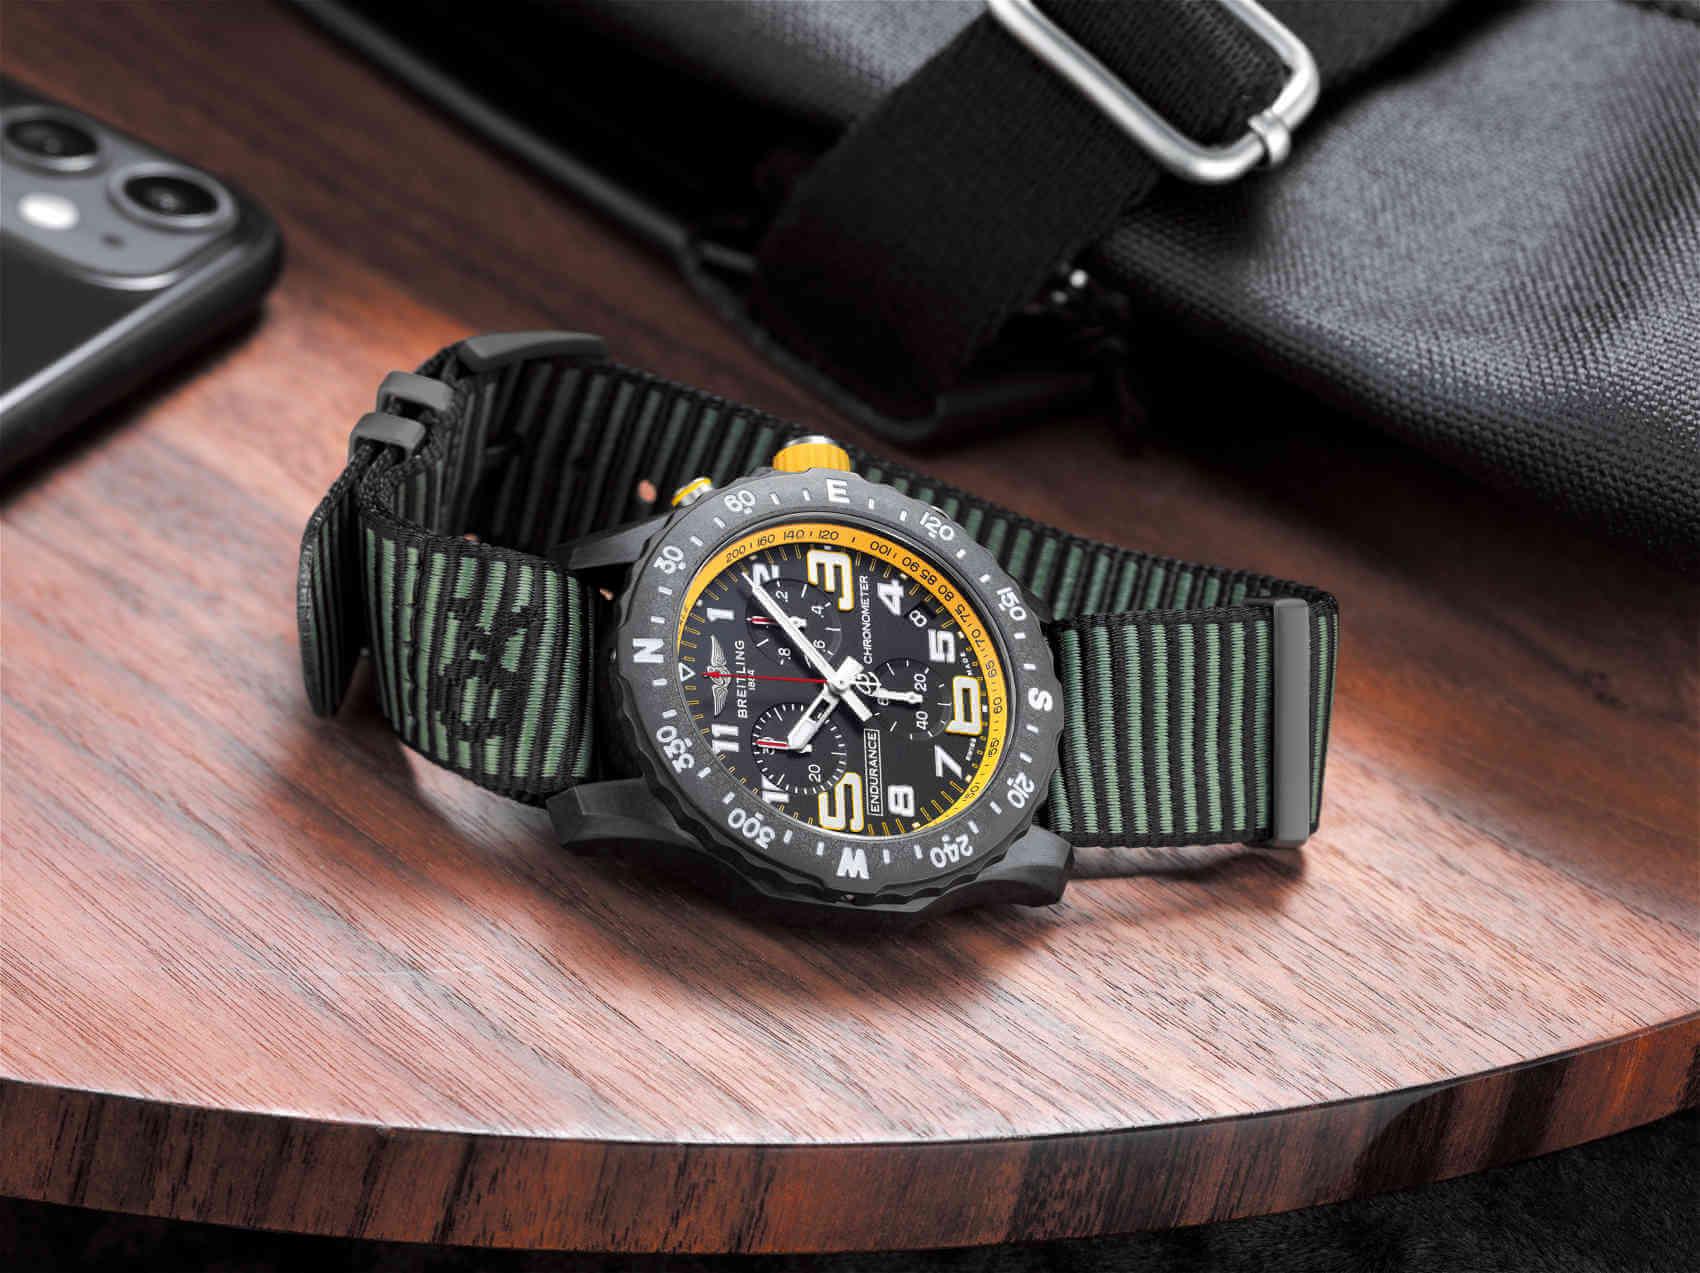 Breitling Endurance Pro amarillo con correa NATO